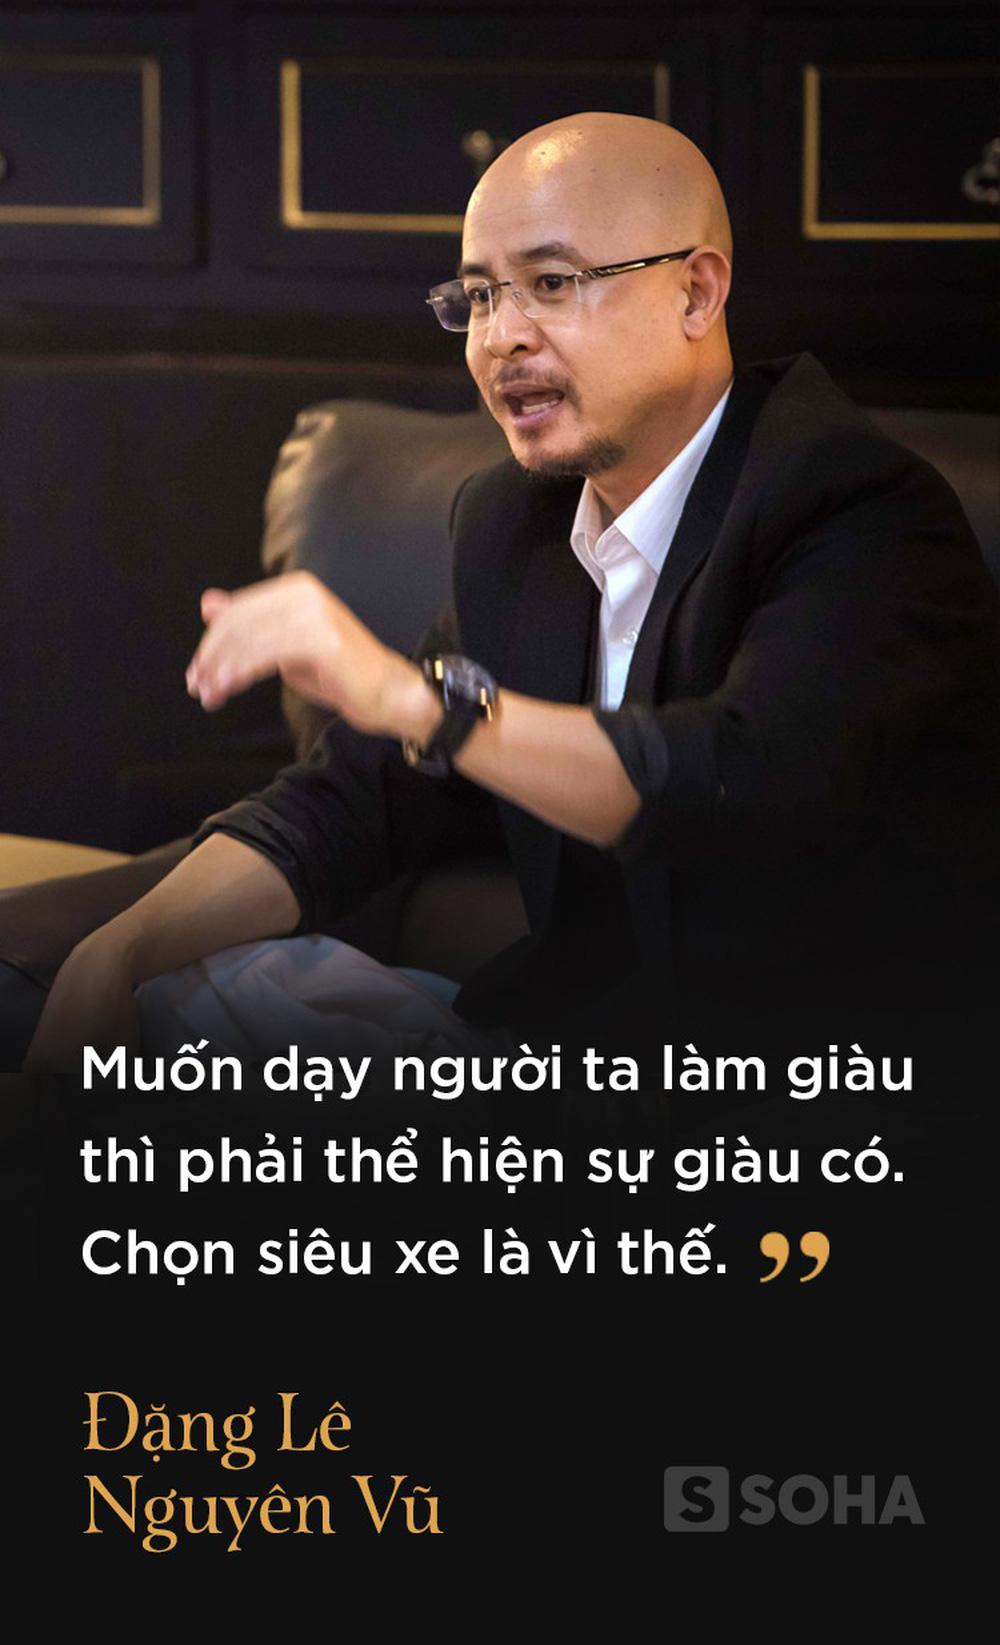 4 giờ cà phê với ông Đặng Lê Nguyên Vũ: Cuộc trò chuyện đầy những bất ngờ - Ảnh 8.